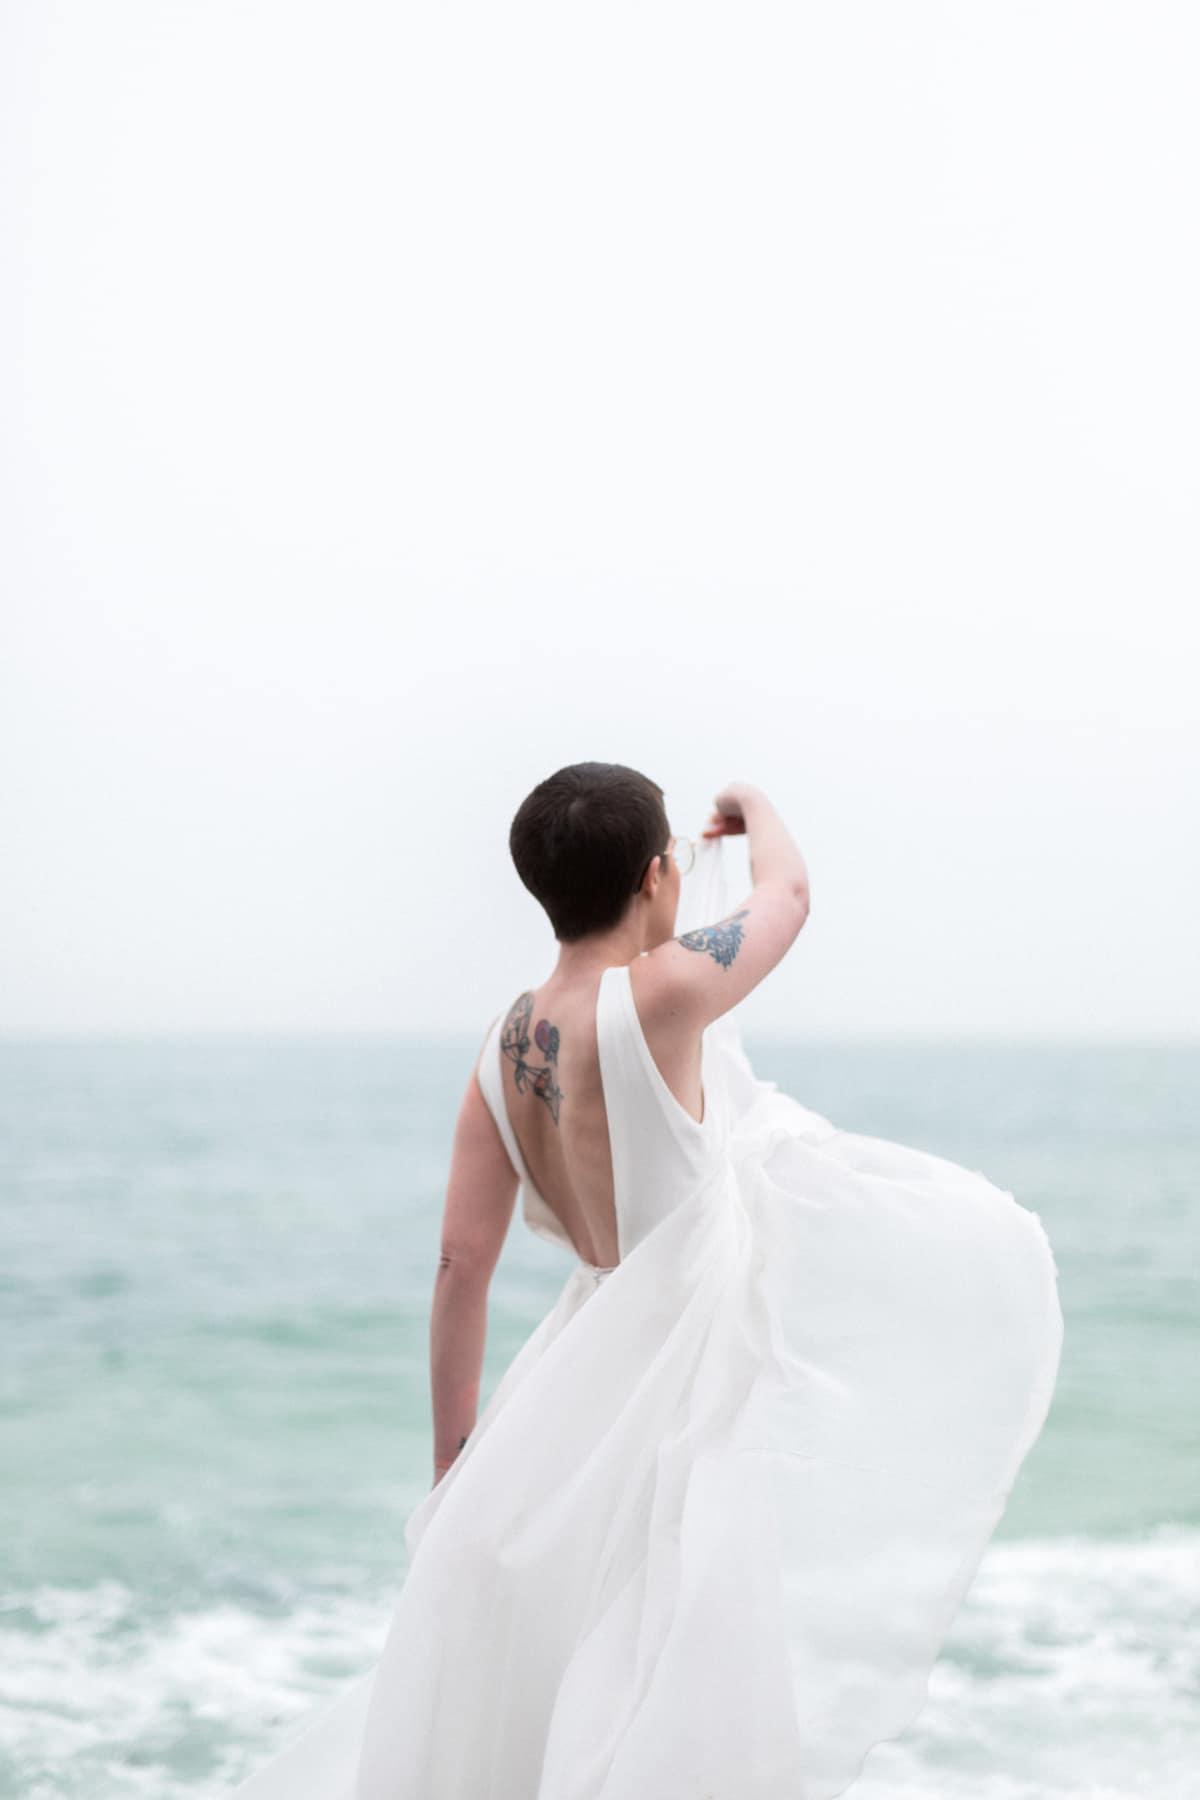 Photographe de mariage sur la plage : la mariée danse avec sa robe